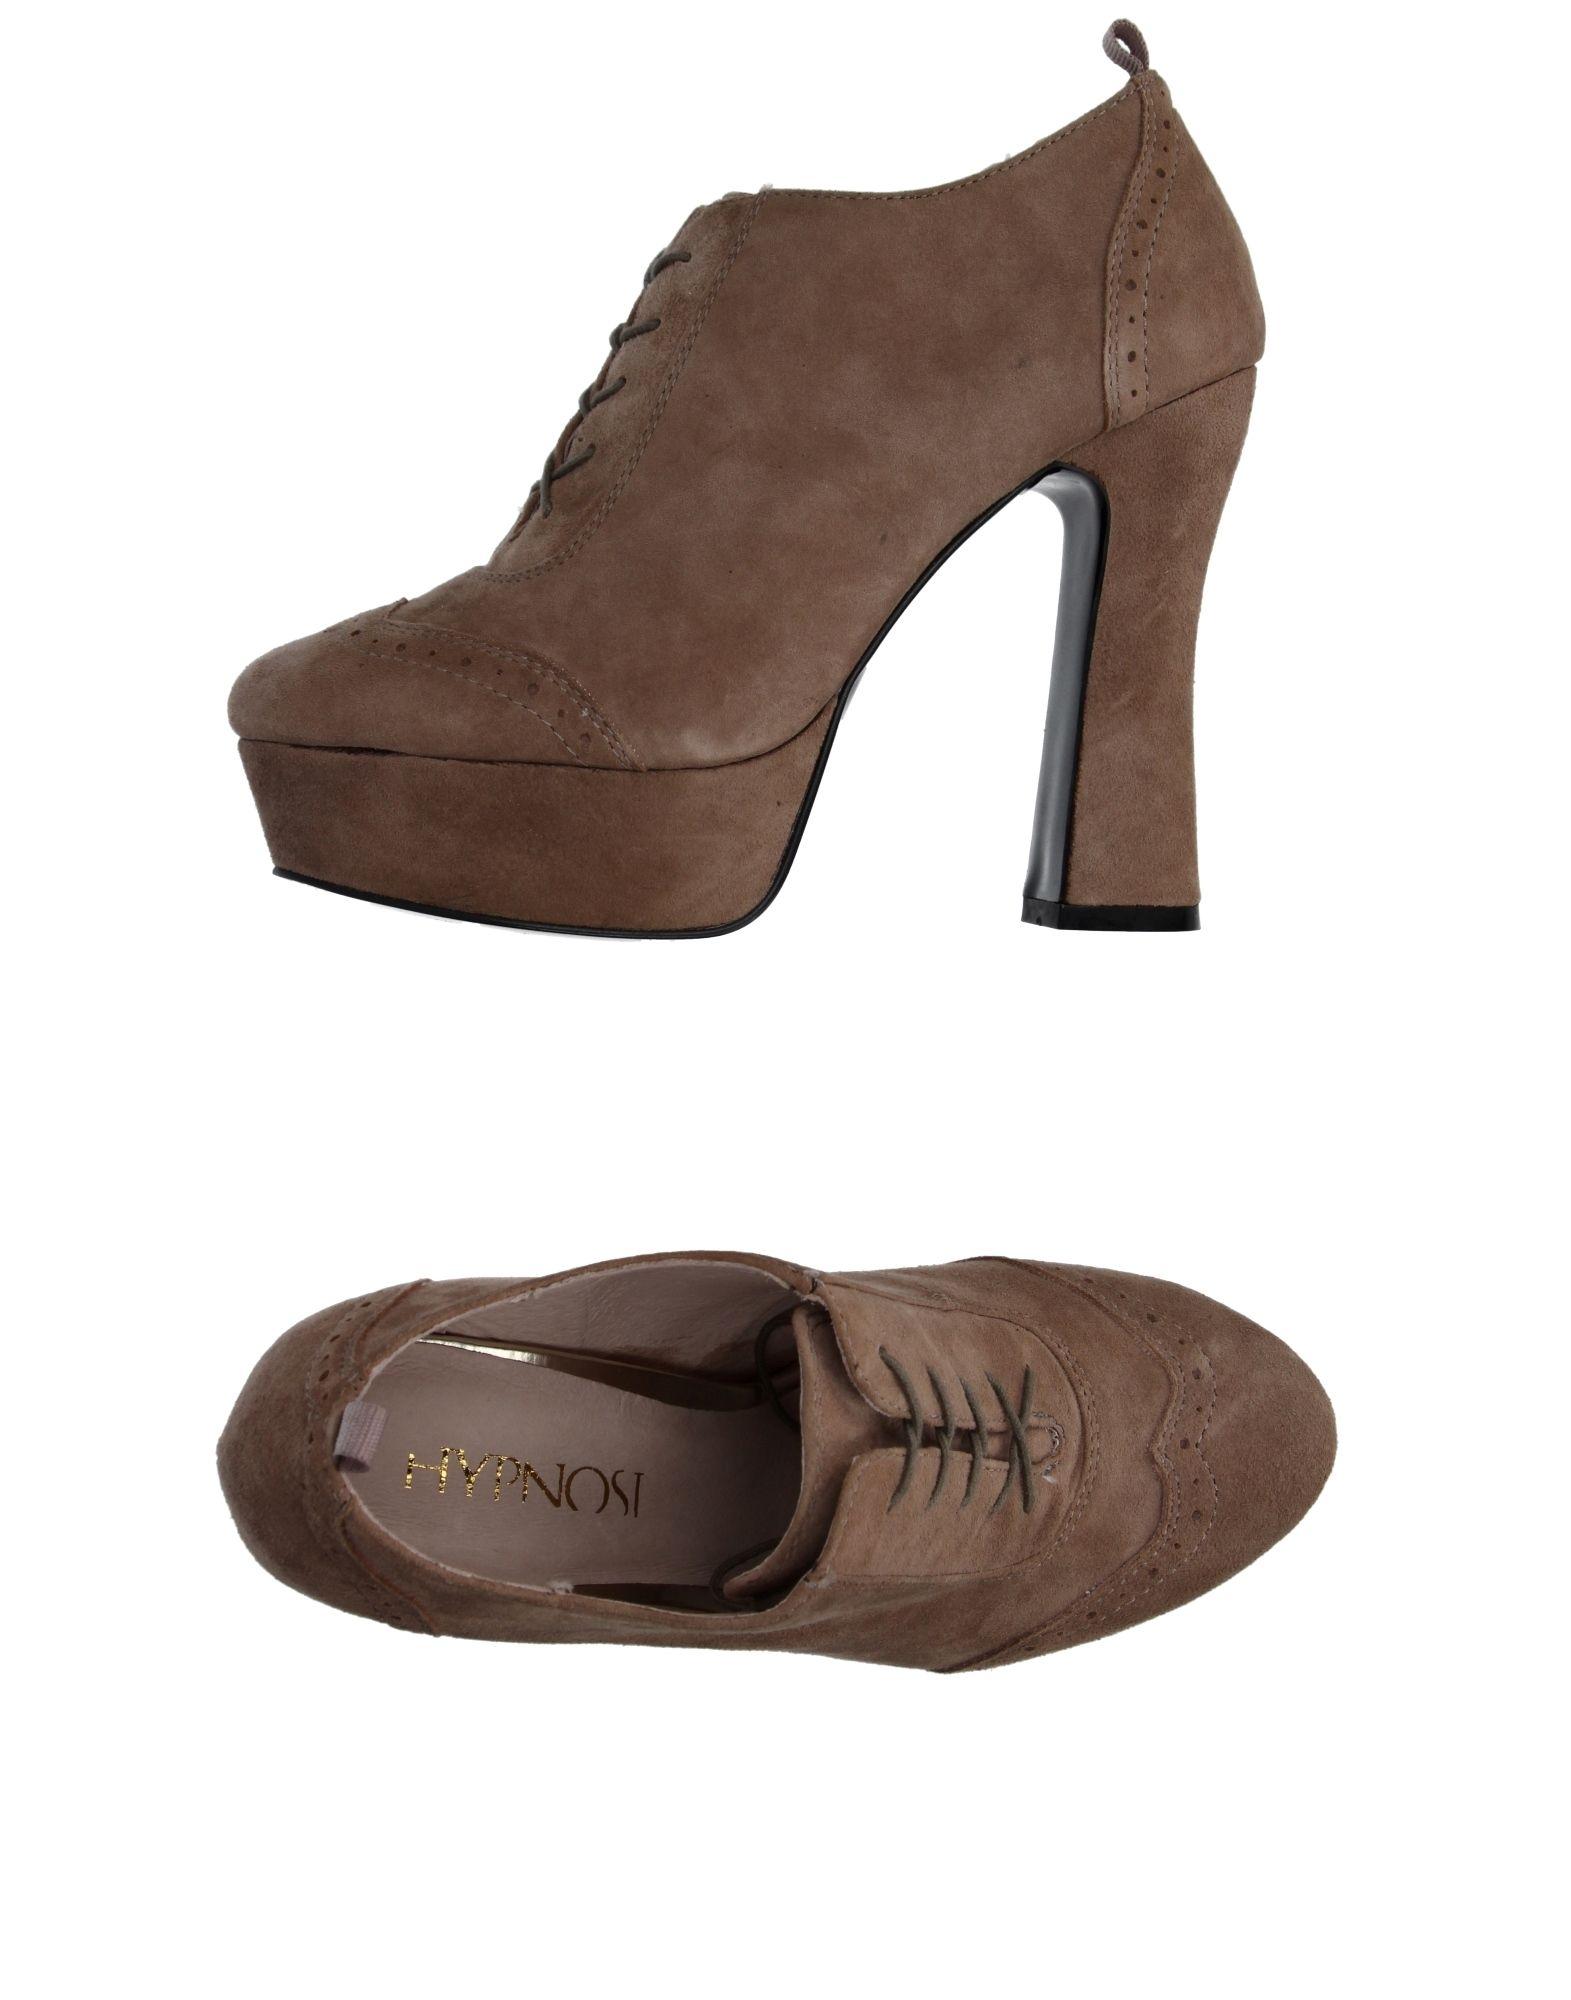 Hypnosi Schnürschuhe Damen  11032340AD Gute Qualität beliebte Schuhe